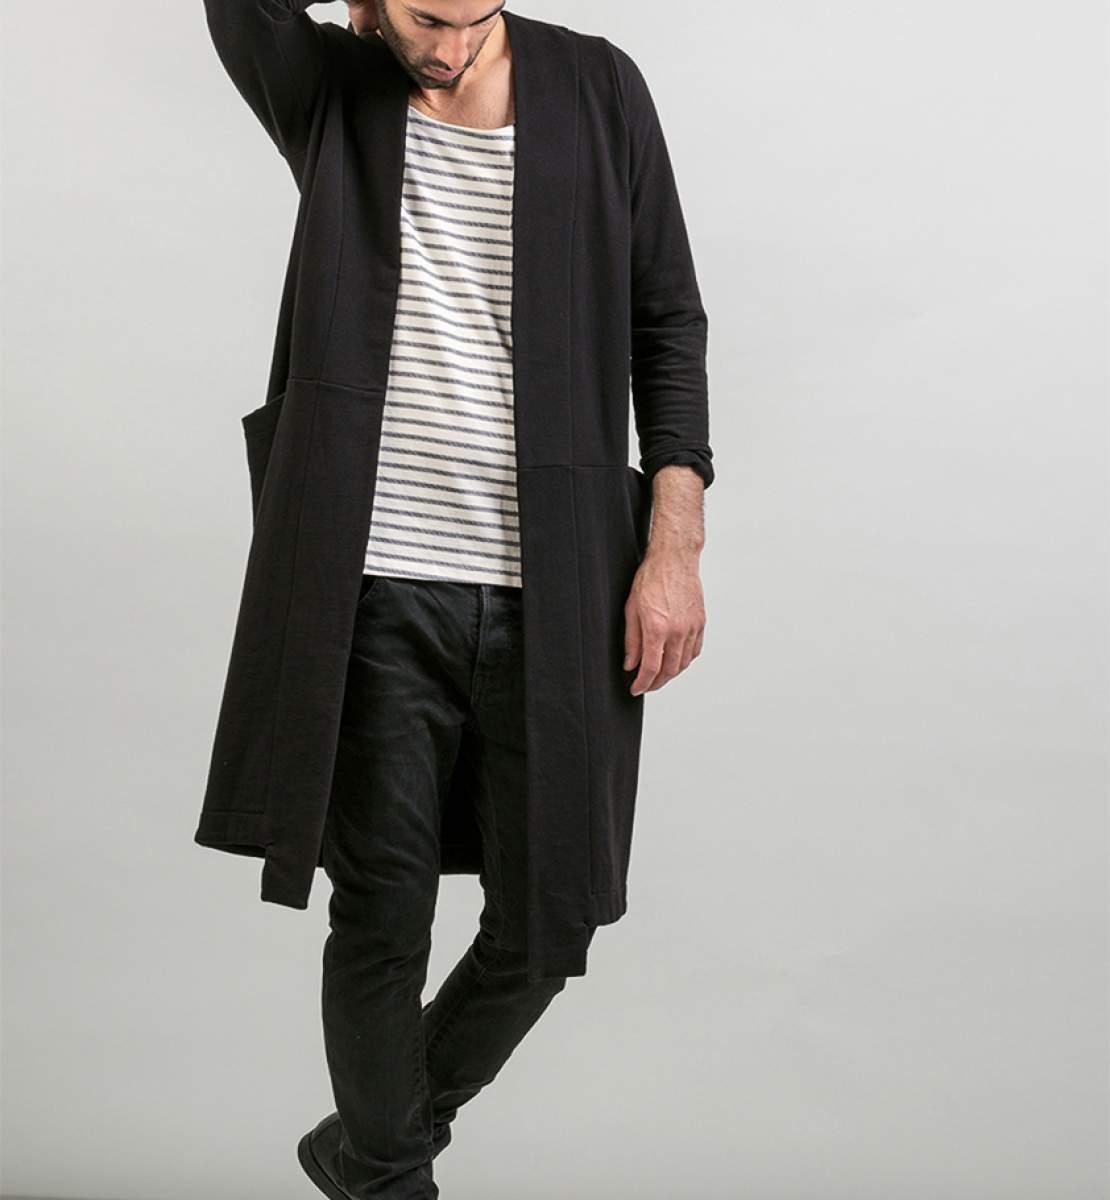 Sportlich eleganter mantel